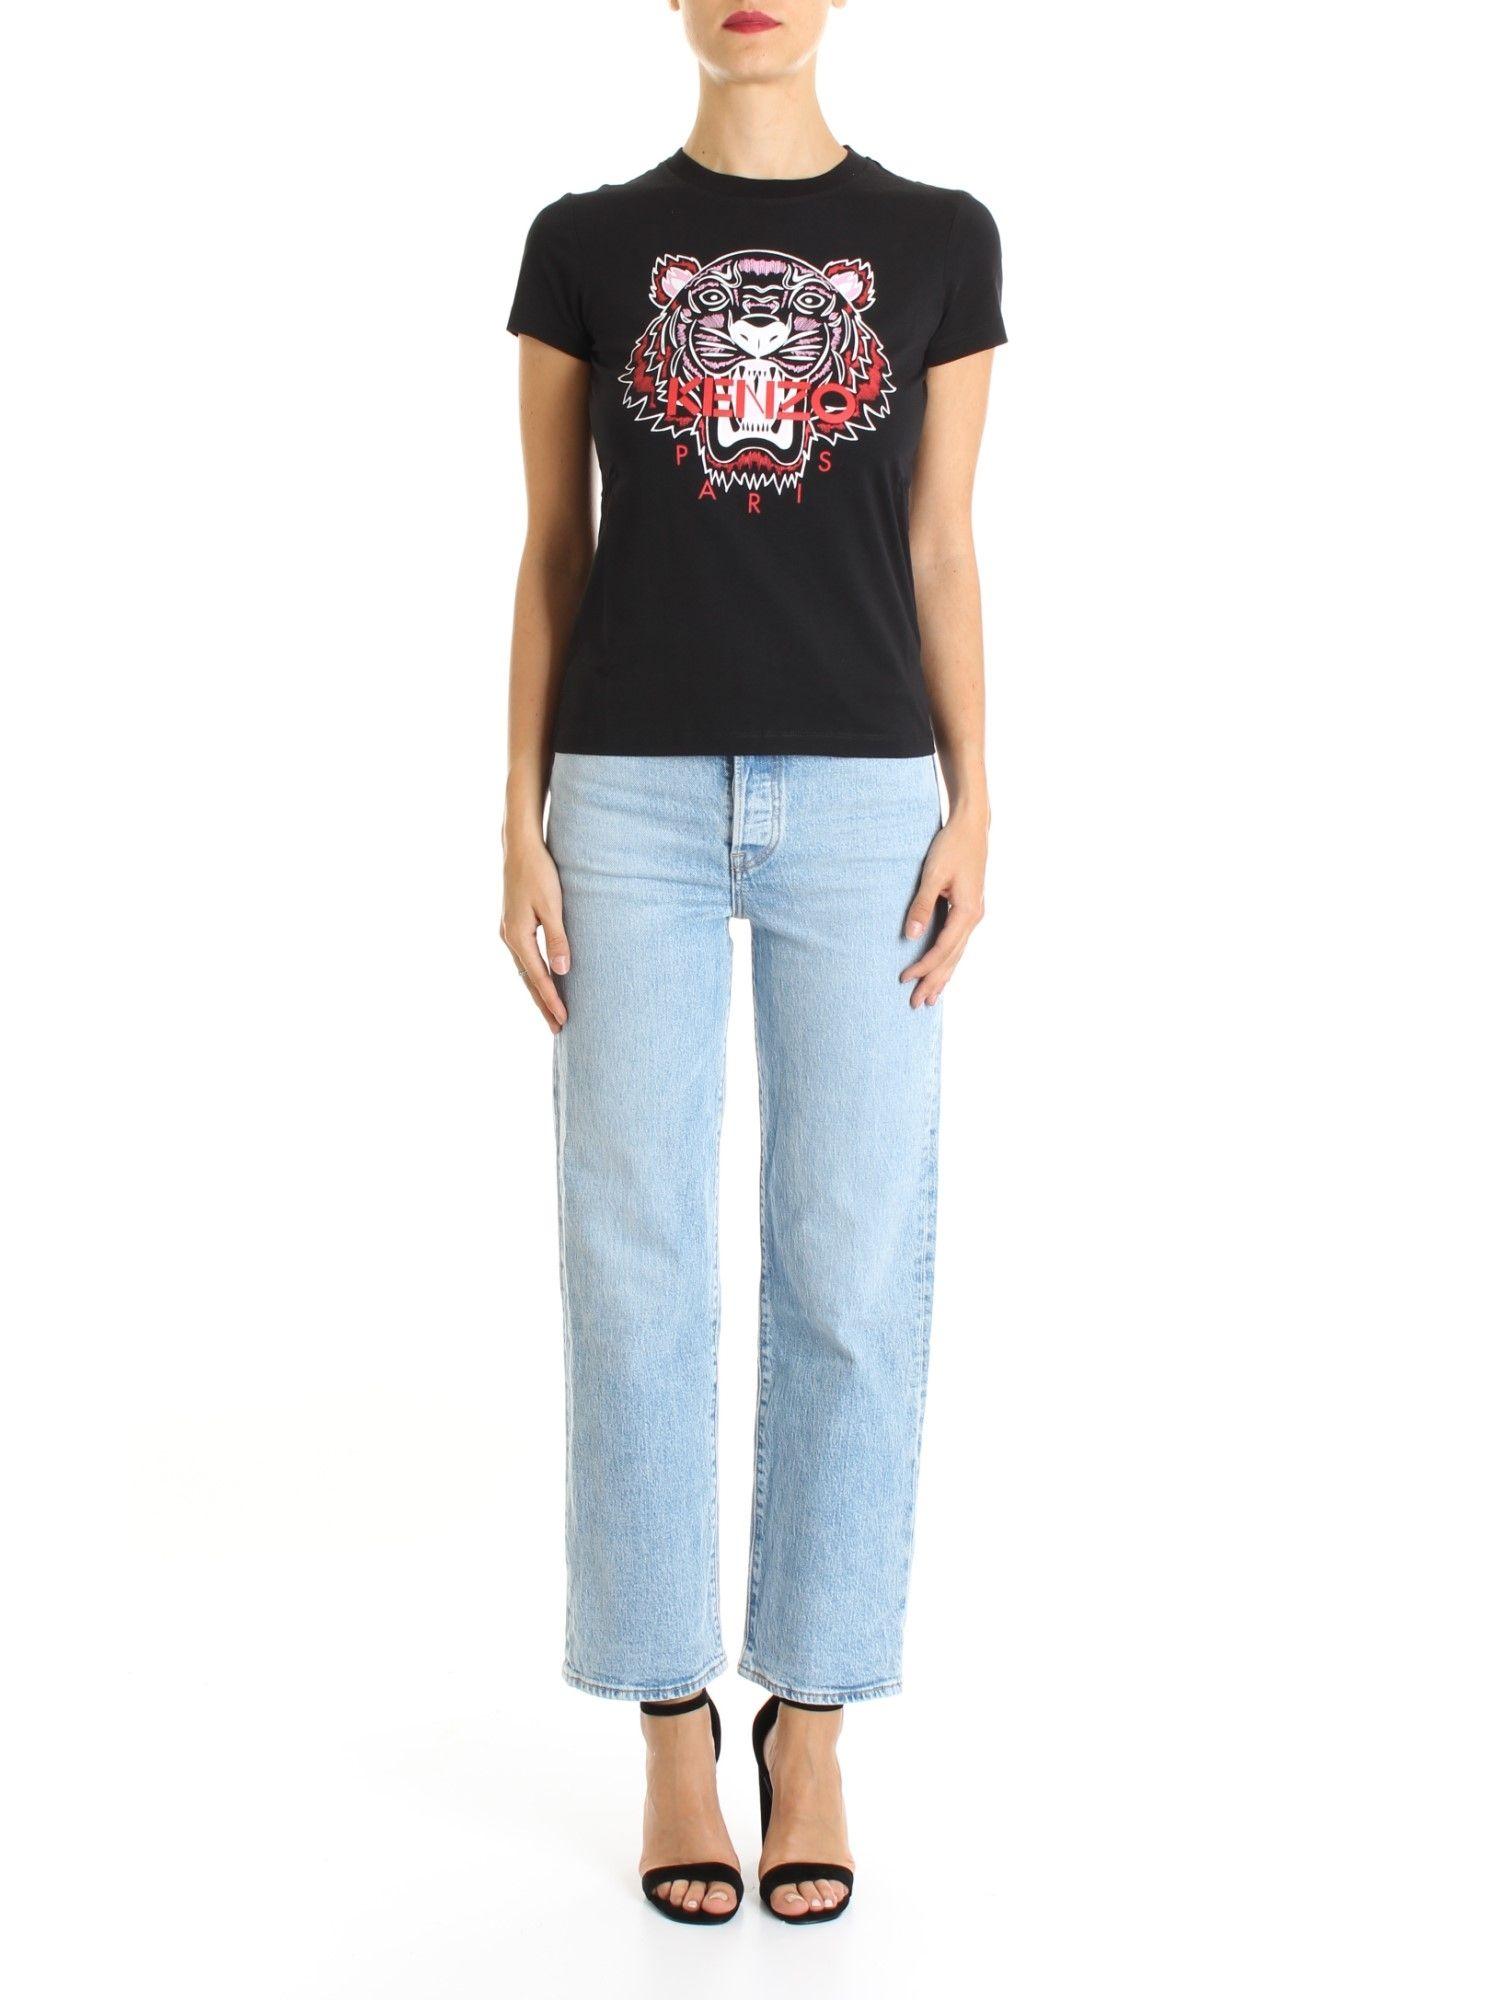 Kenzo Black T-Shirt